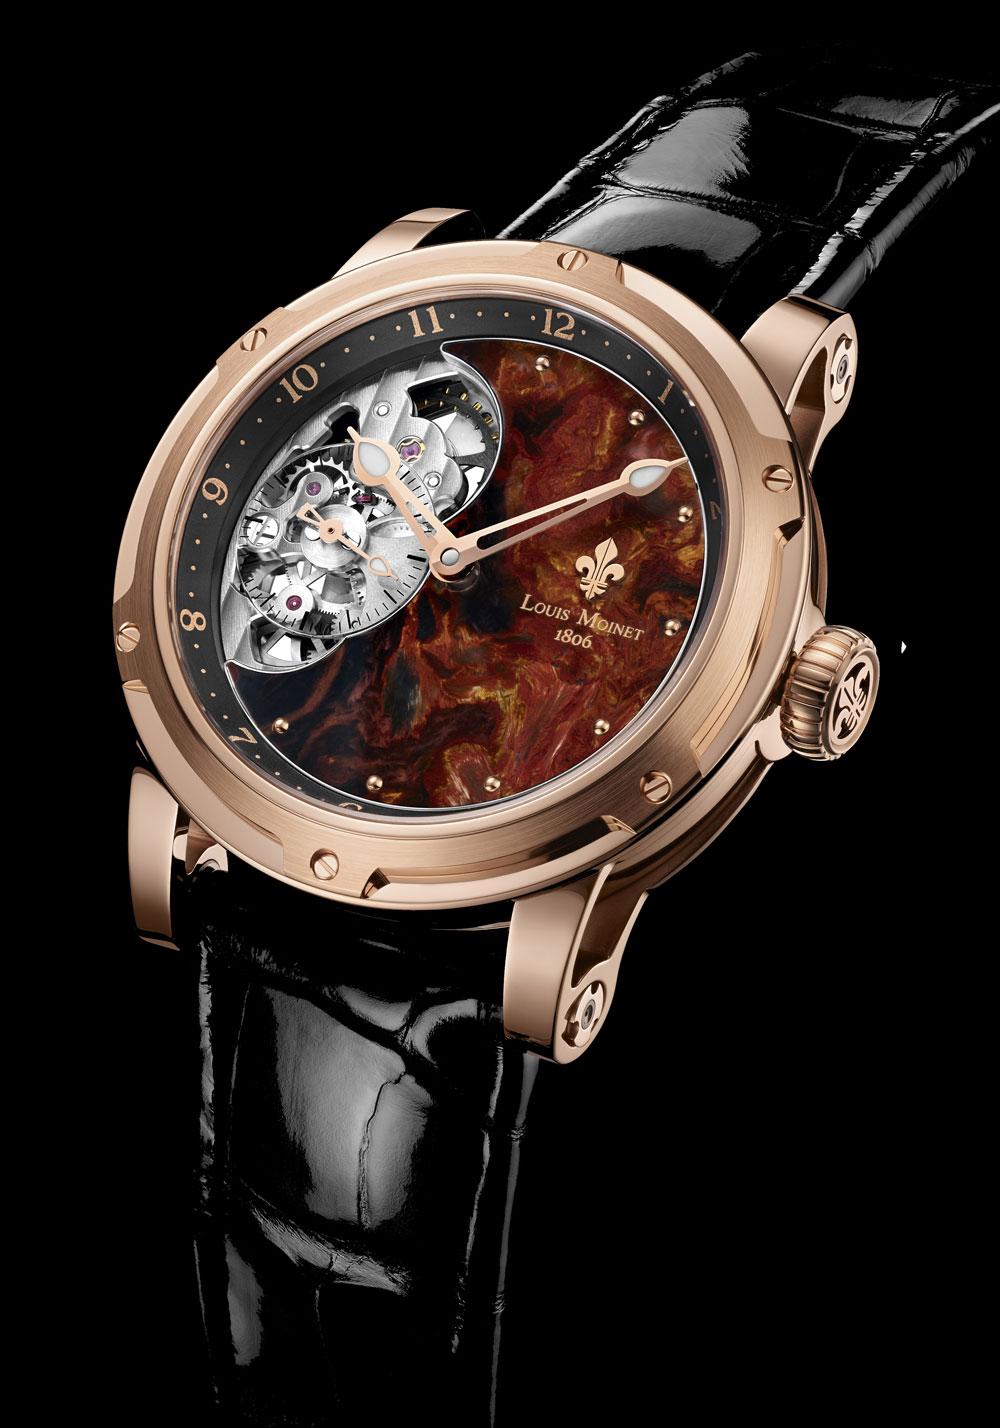 Reloj Tesoros del Mundo Louis Moinet